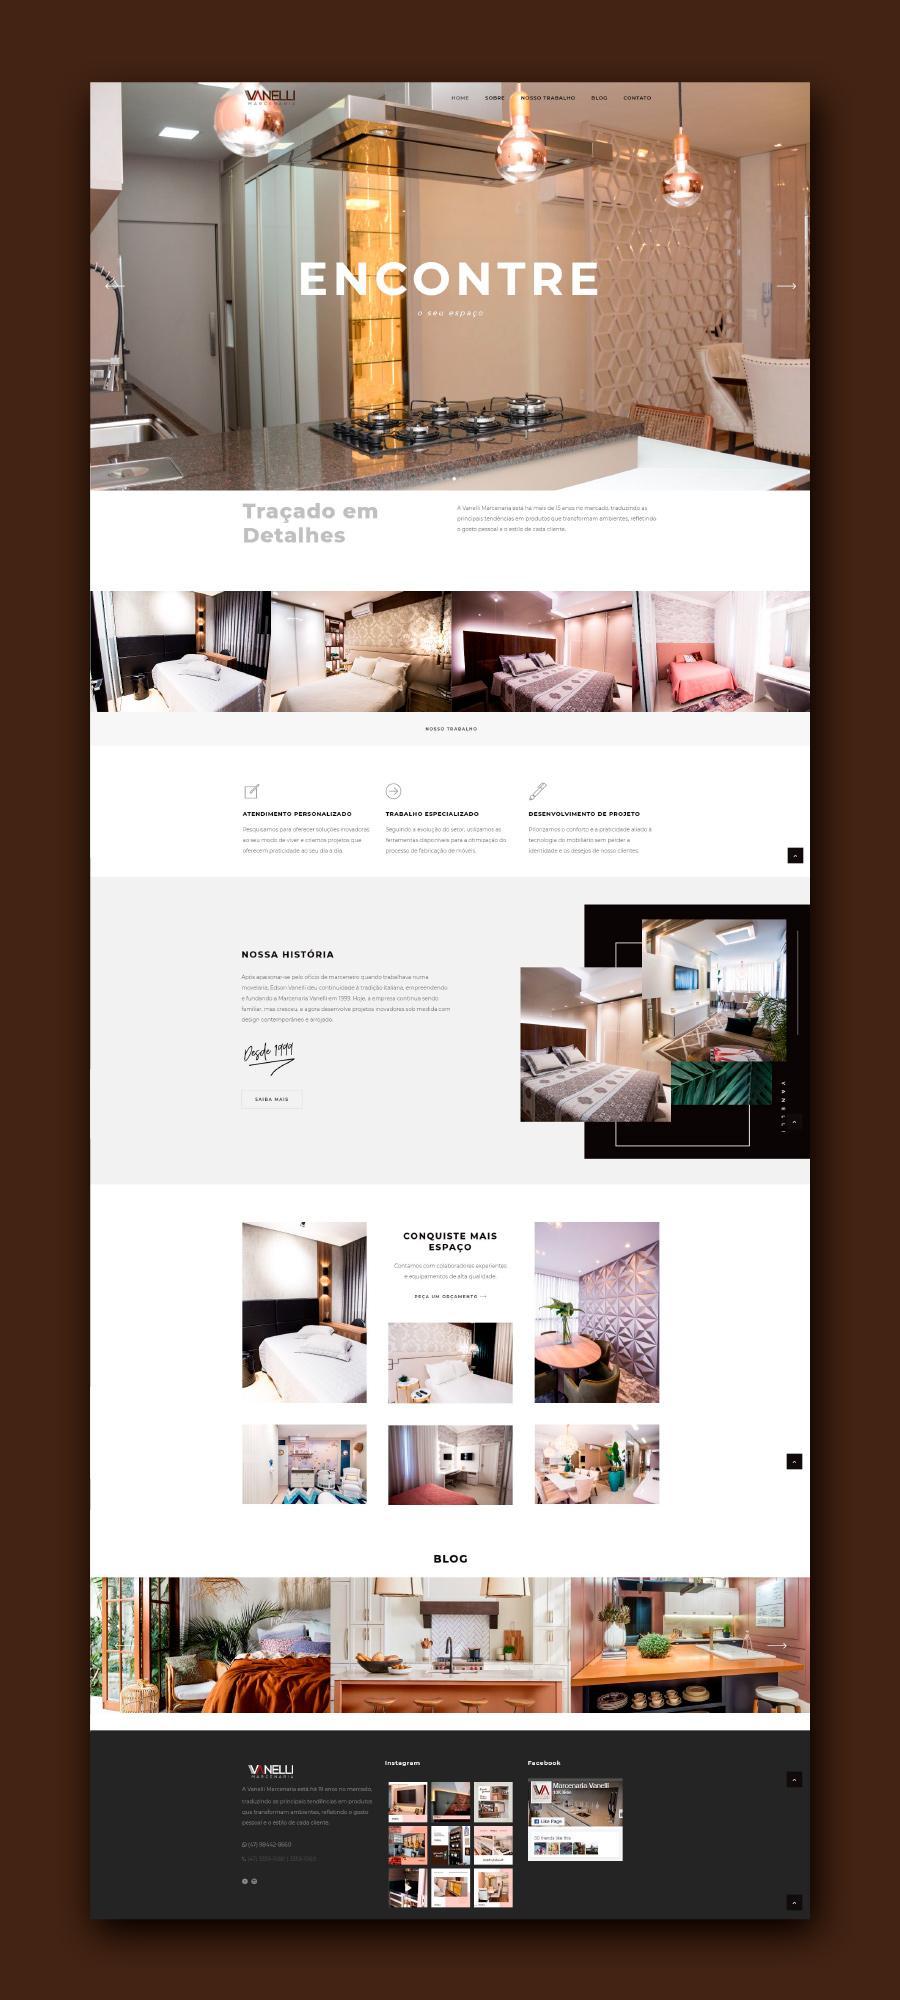 vanelli site